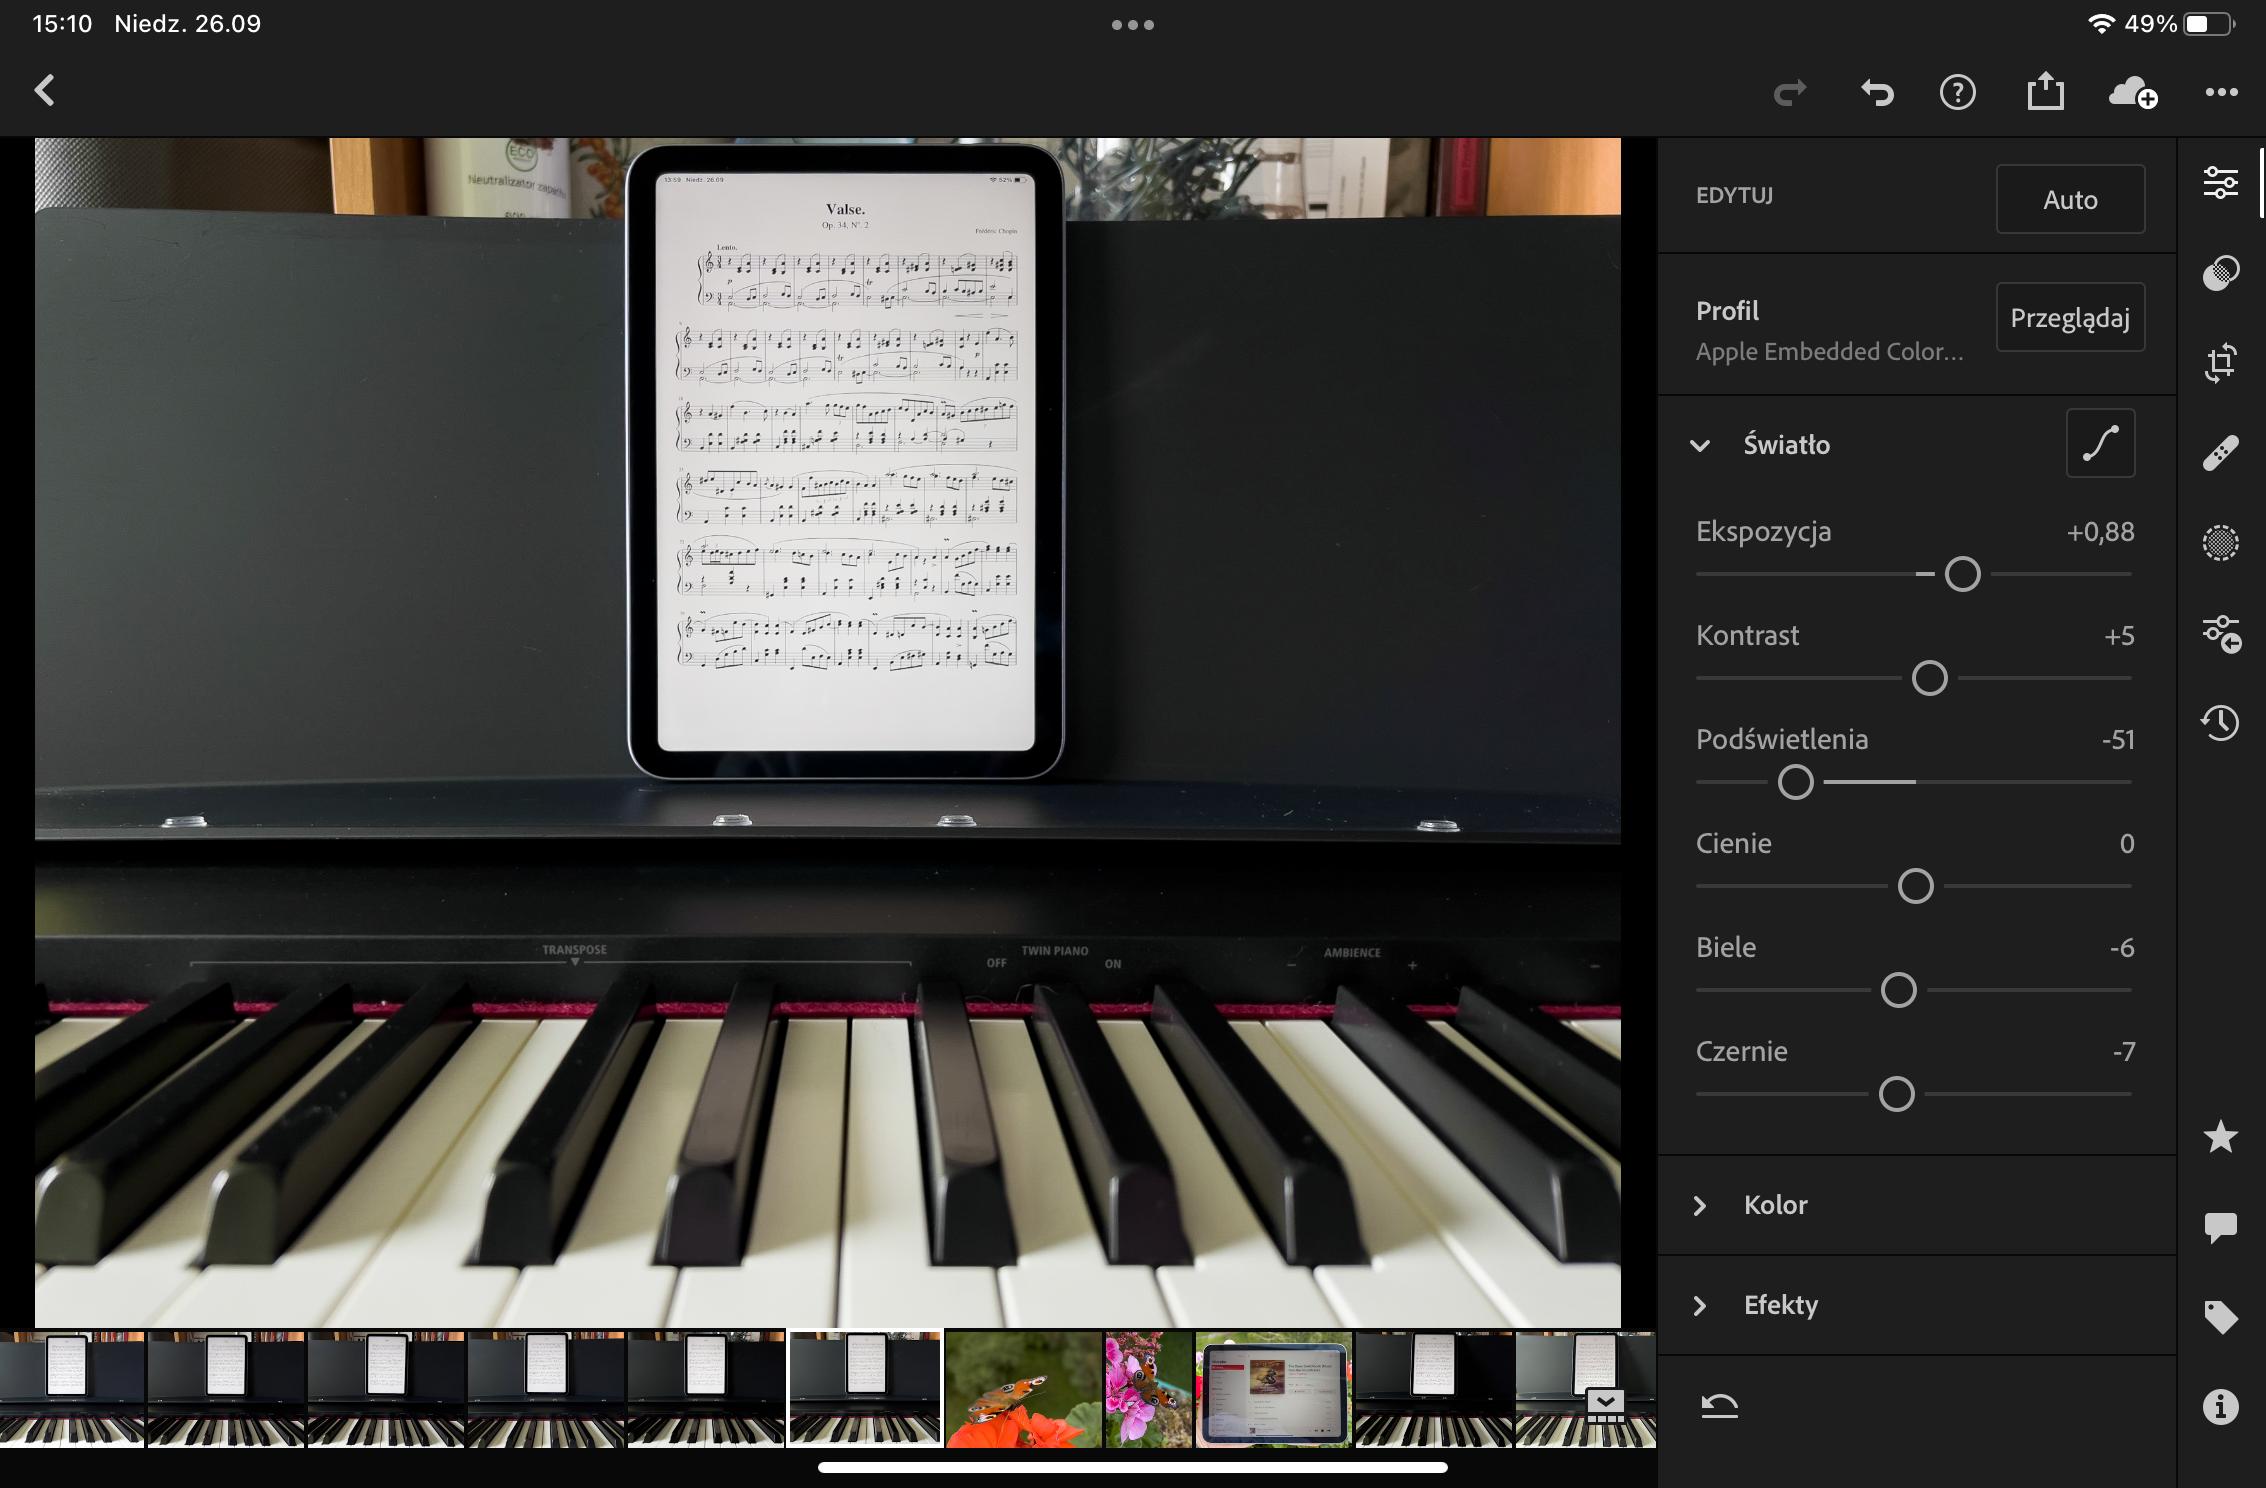 iPad Mini 2021 screen